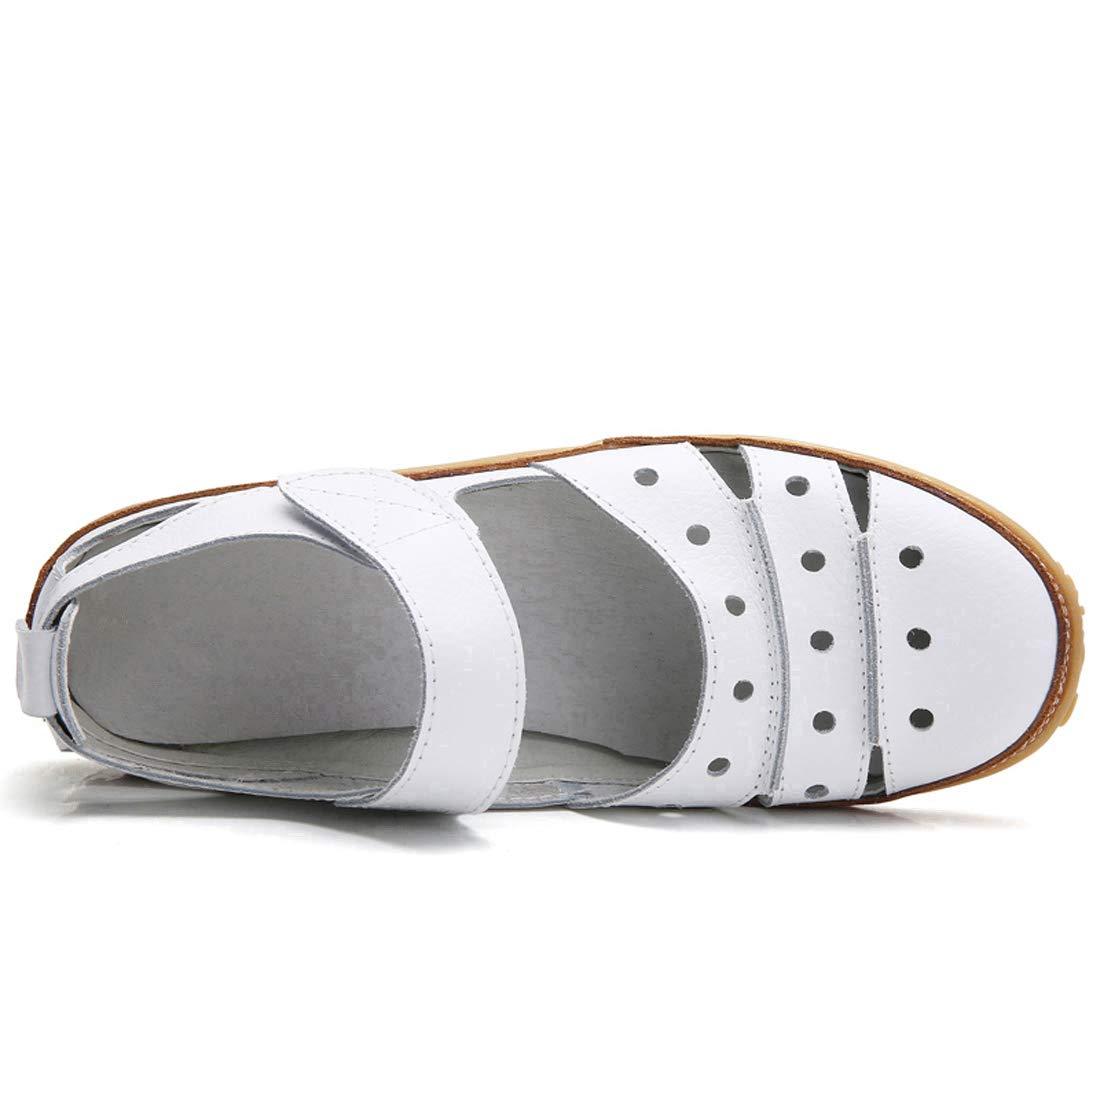 Z.SUO Sandales Femmes Plates Cuir Casuel Confort Mocassins Chaussures de Conduite La Mode /Ét/é Chaussures de Marche Sandales